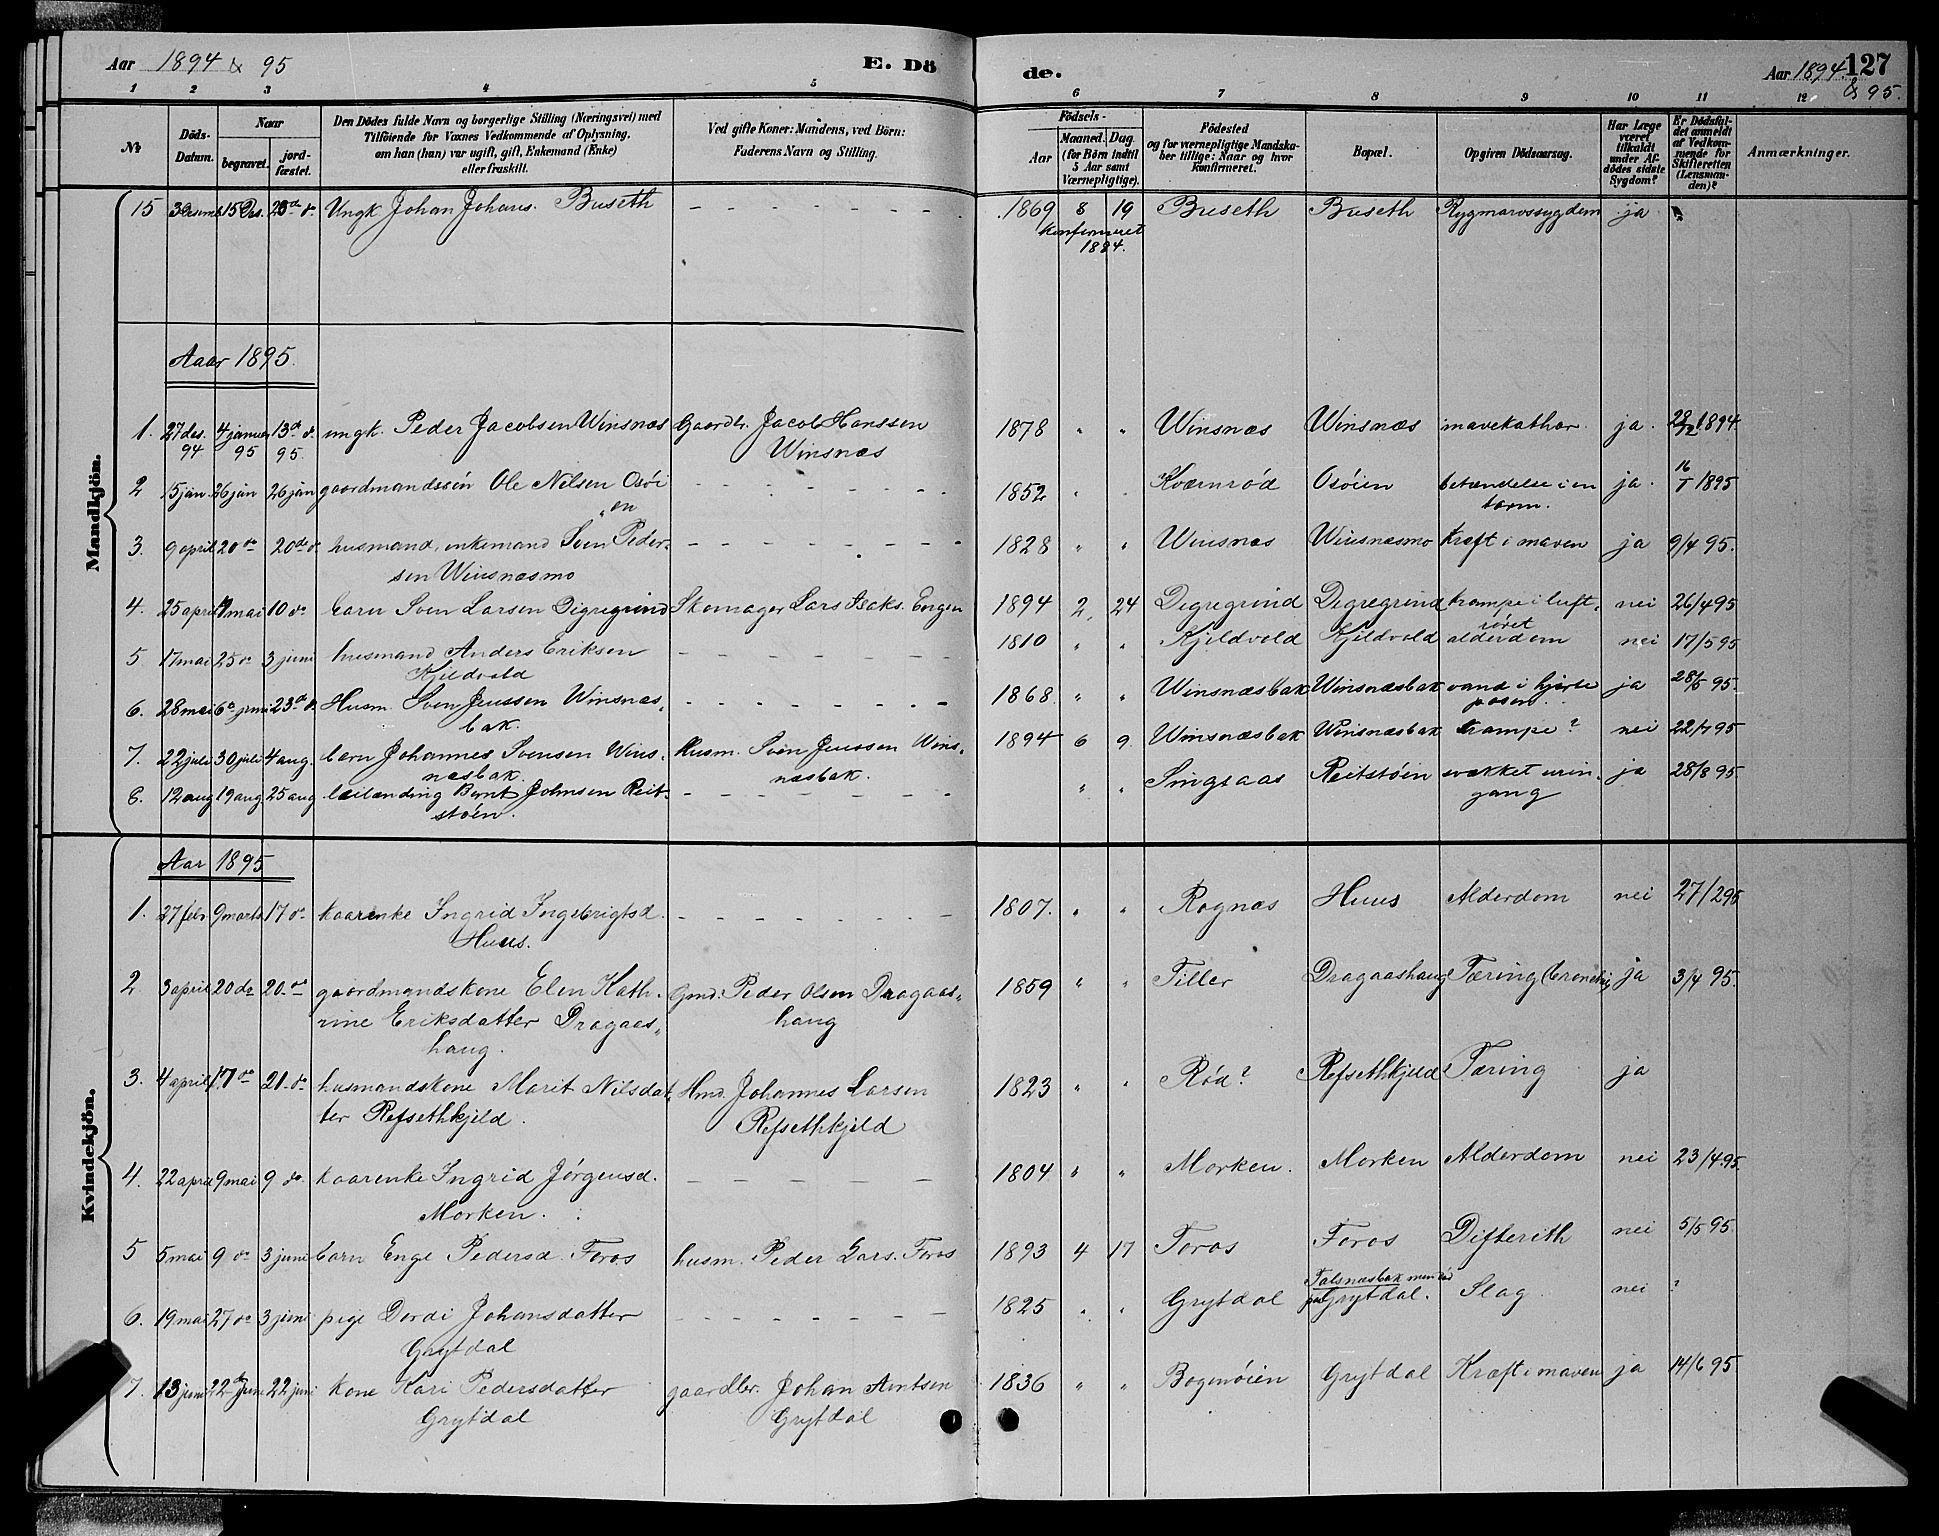 SAT, Ministerialprotokoller, klokkerbøker og fødselsregistre - Sør-Trøndelag, 688/L1028: Klokkerbok nr. 688C03, 1889-1899, s. 127